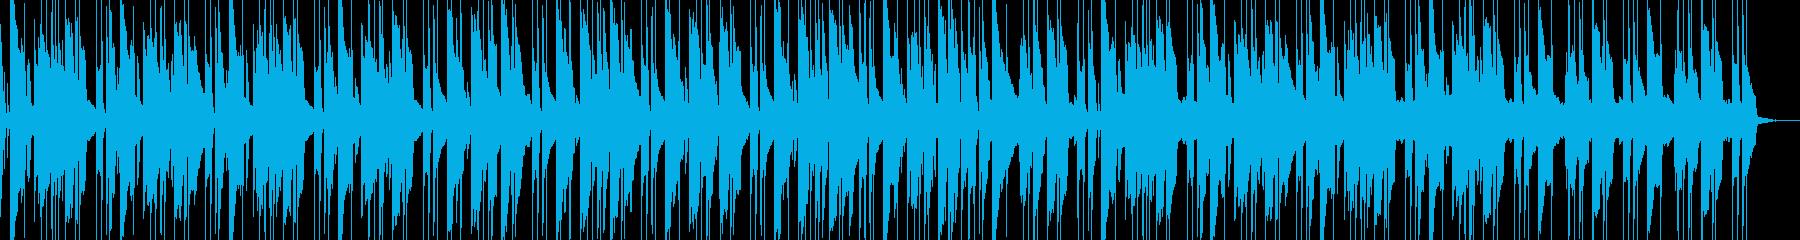 お洒落な落ち着いたチルアウト ギター演奏の再生済みの波形